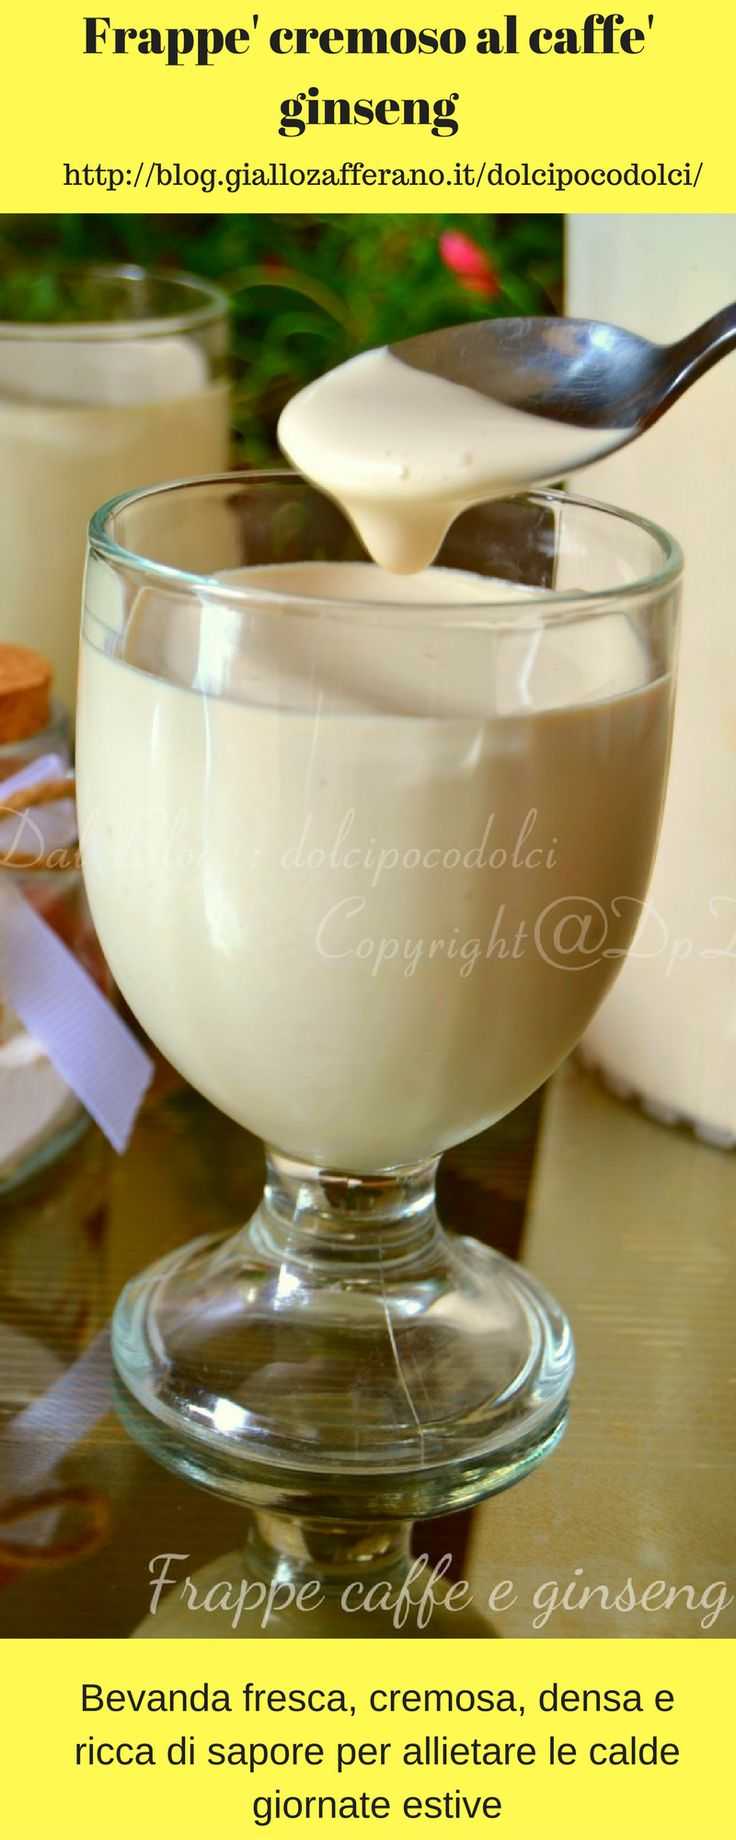 #Frappè #cremoso #caffè #ginseng #ricetta #bevande di #dolcipocodolci #blog #cucina #Estive #Salutari #Fredde #Drinks #Dissetanti #Fresche